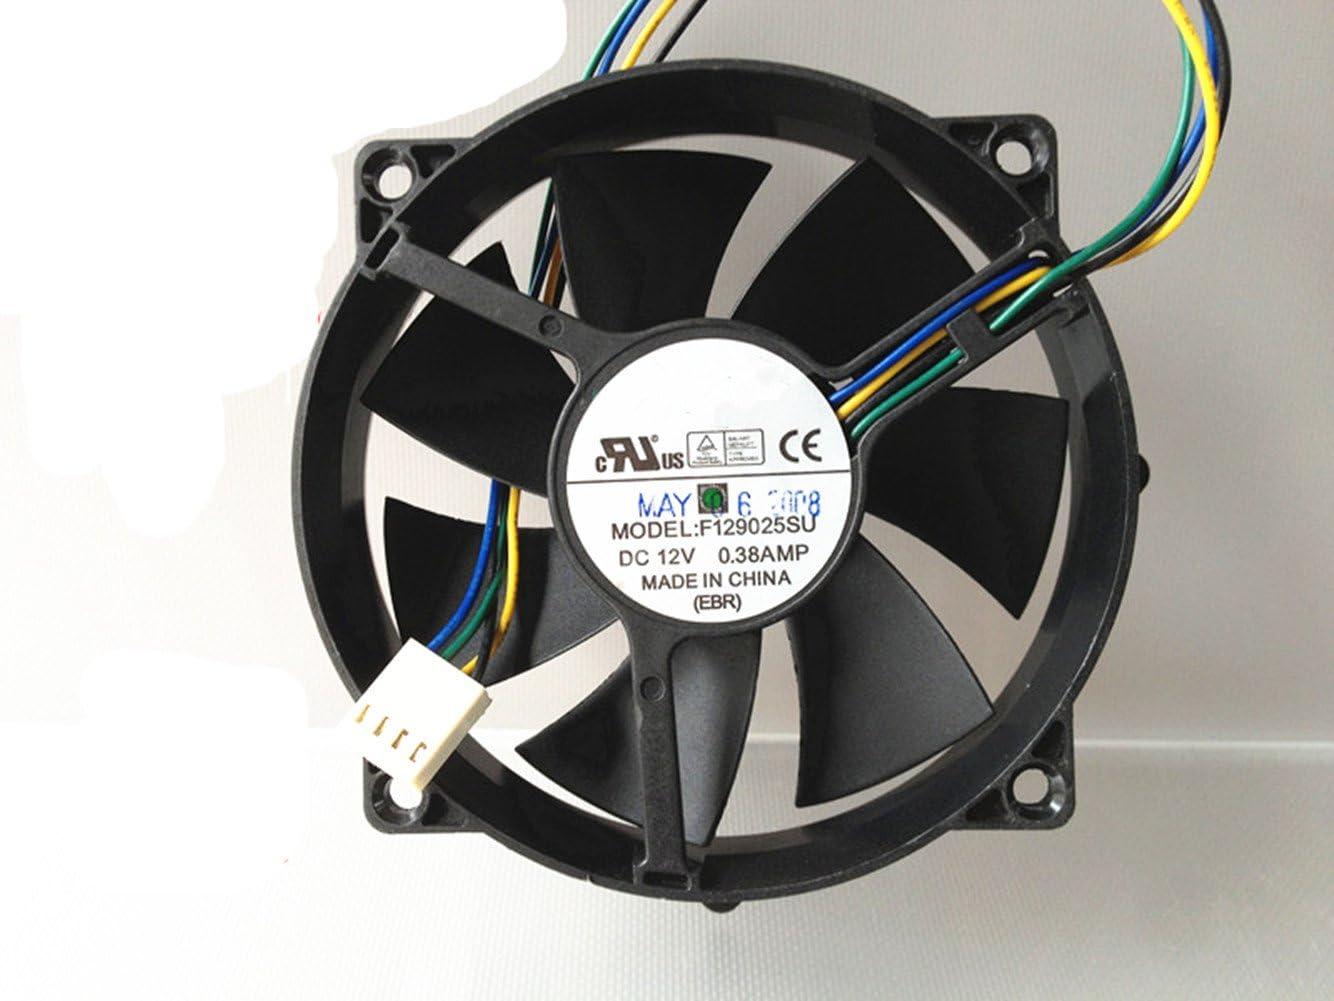 Ventilador de refrigeración para computadora F129025SU 9025 90/80 mm x 25 mm ventilador redondo CPU 12 V 4 pines 0.38 A ventiladores enfriadores